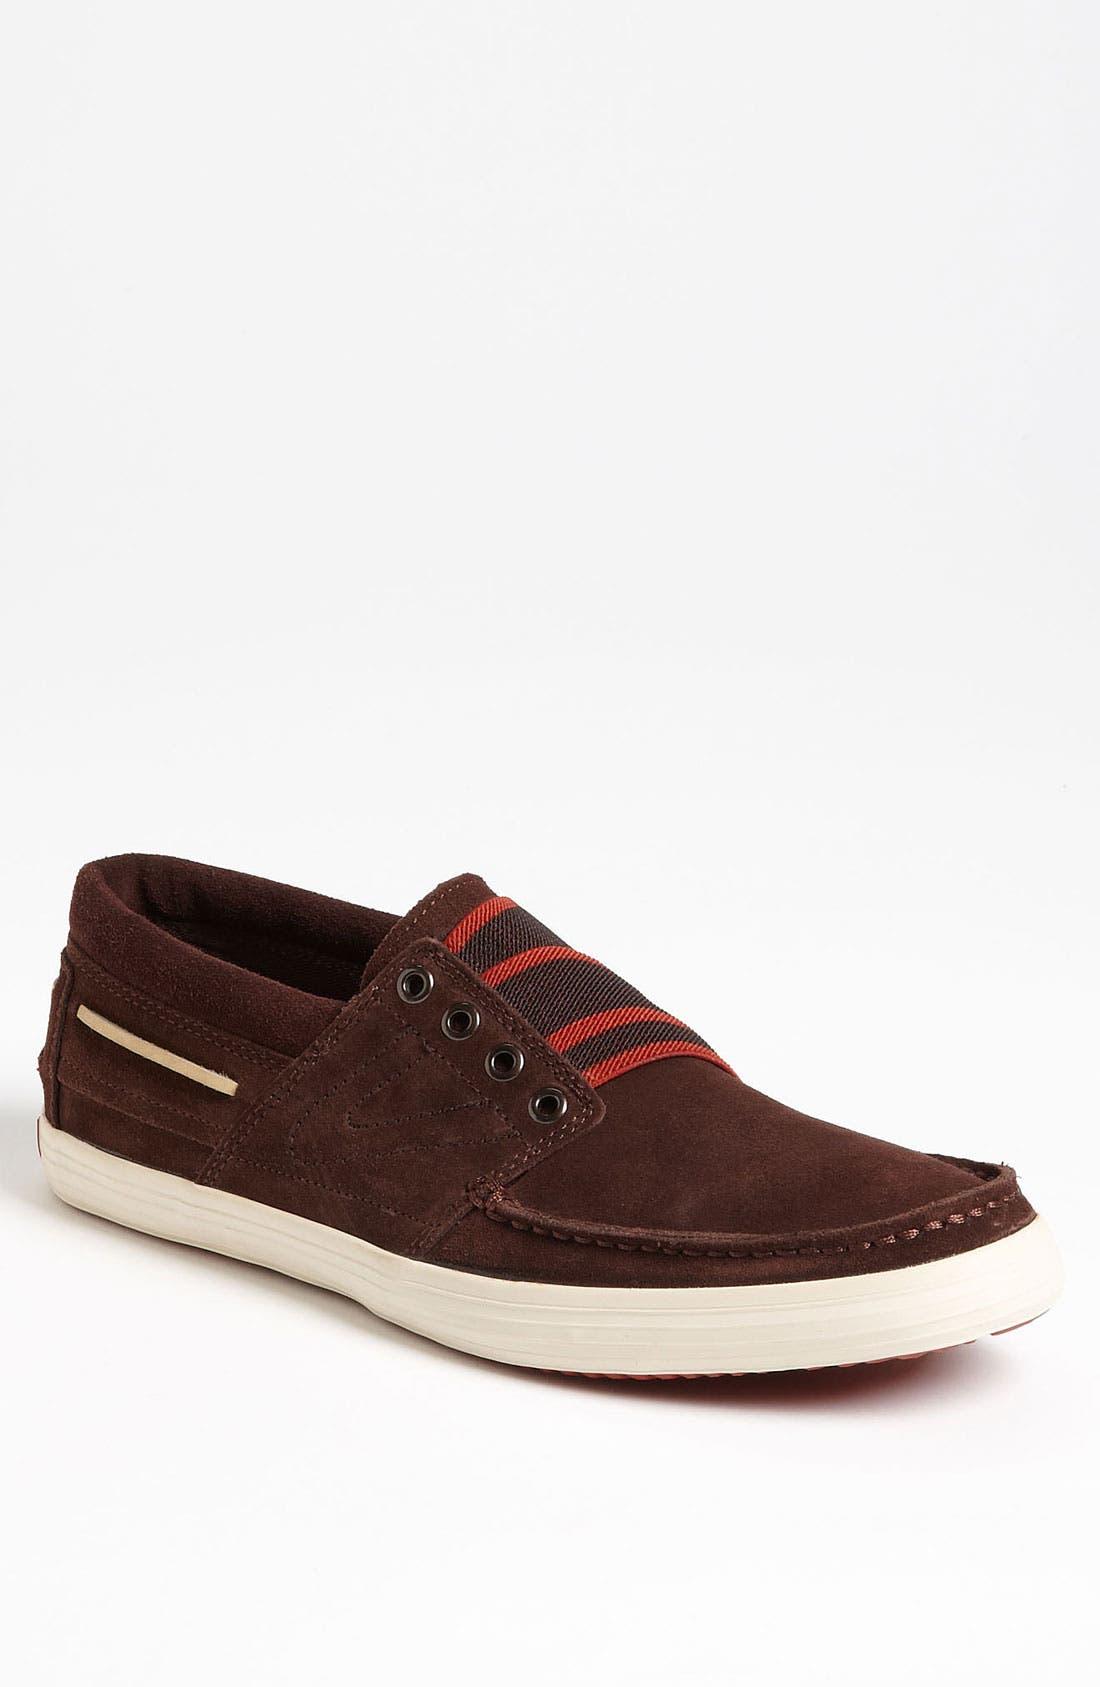 Main Image - Tretorn 'Bligh' Sneaker